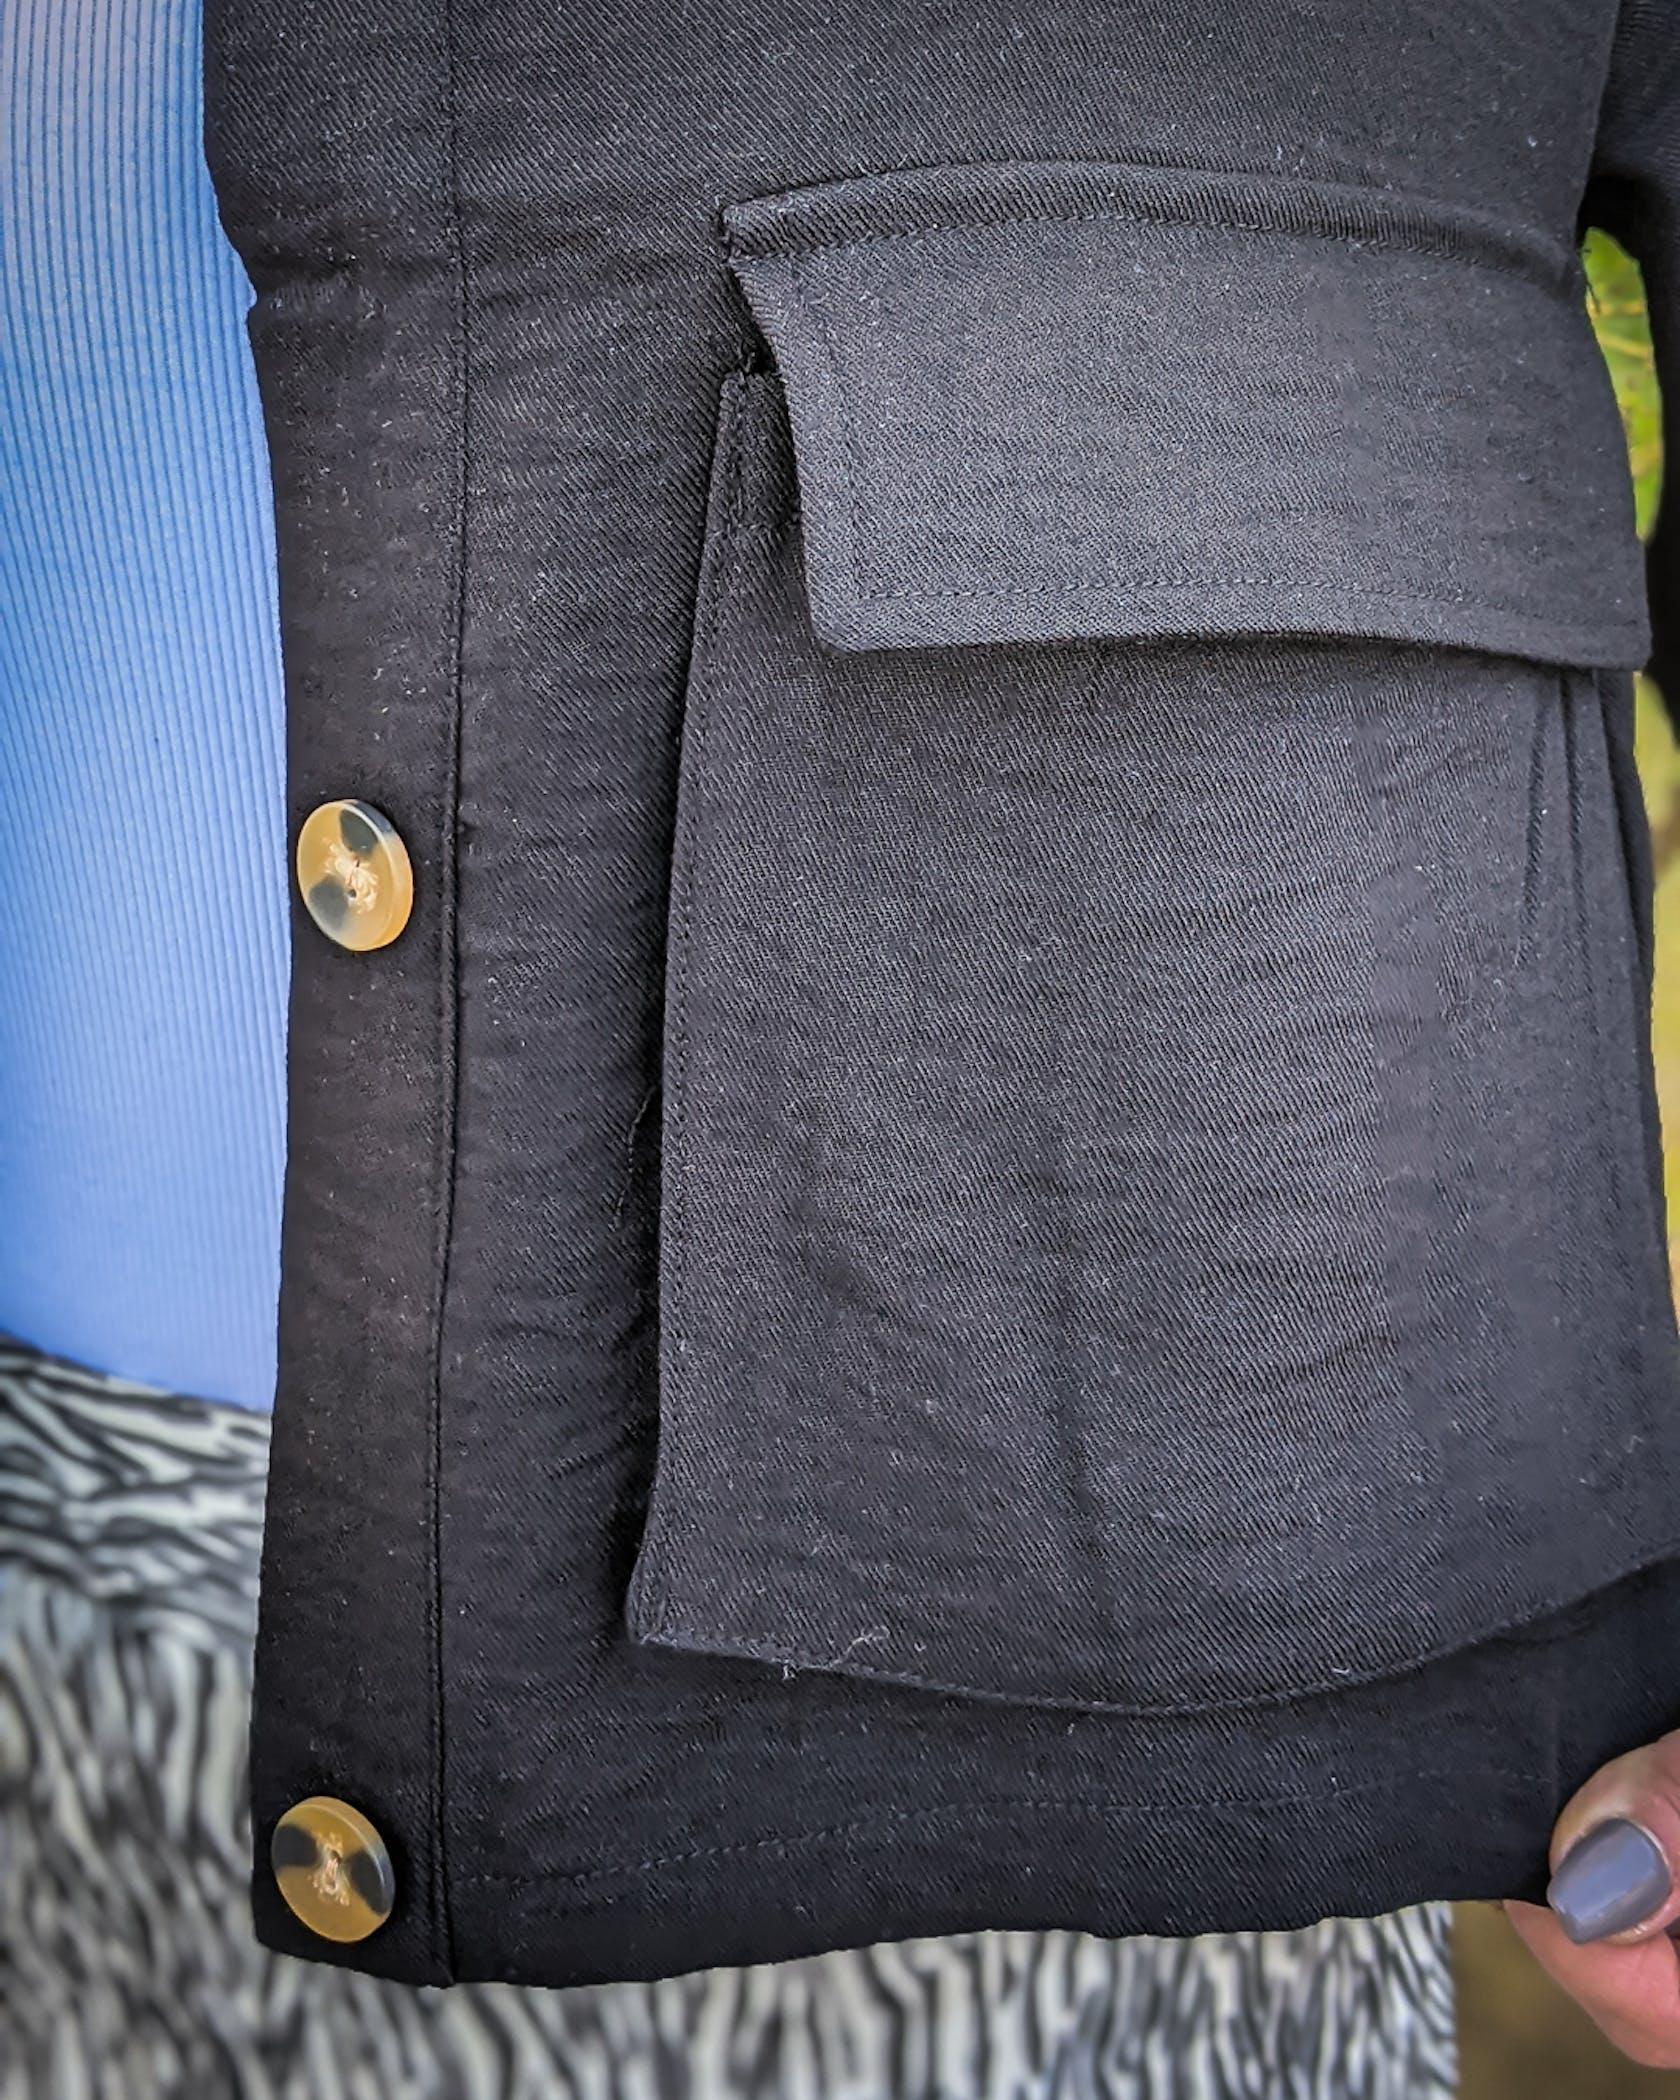 schwarze, leichte Stoffjacke mit aufgesetzten Taschen